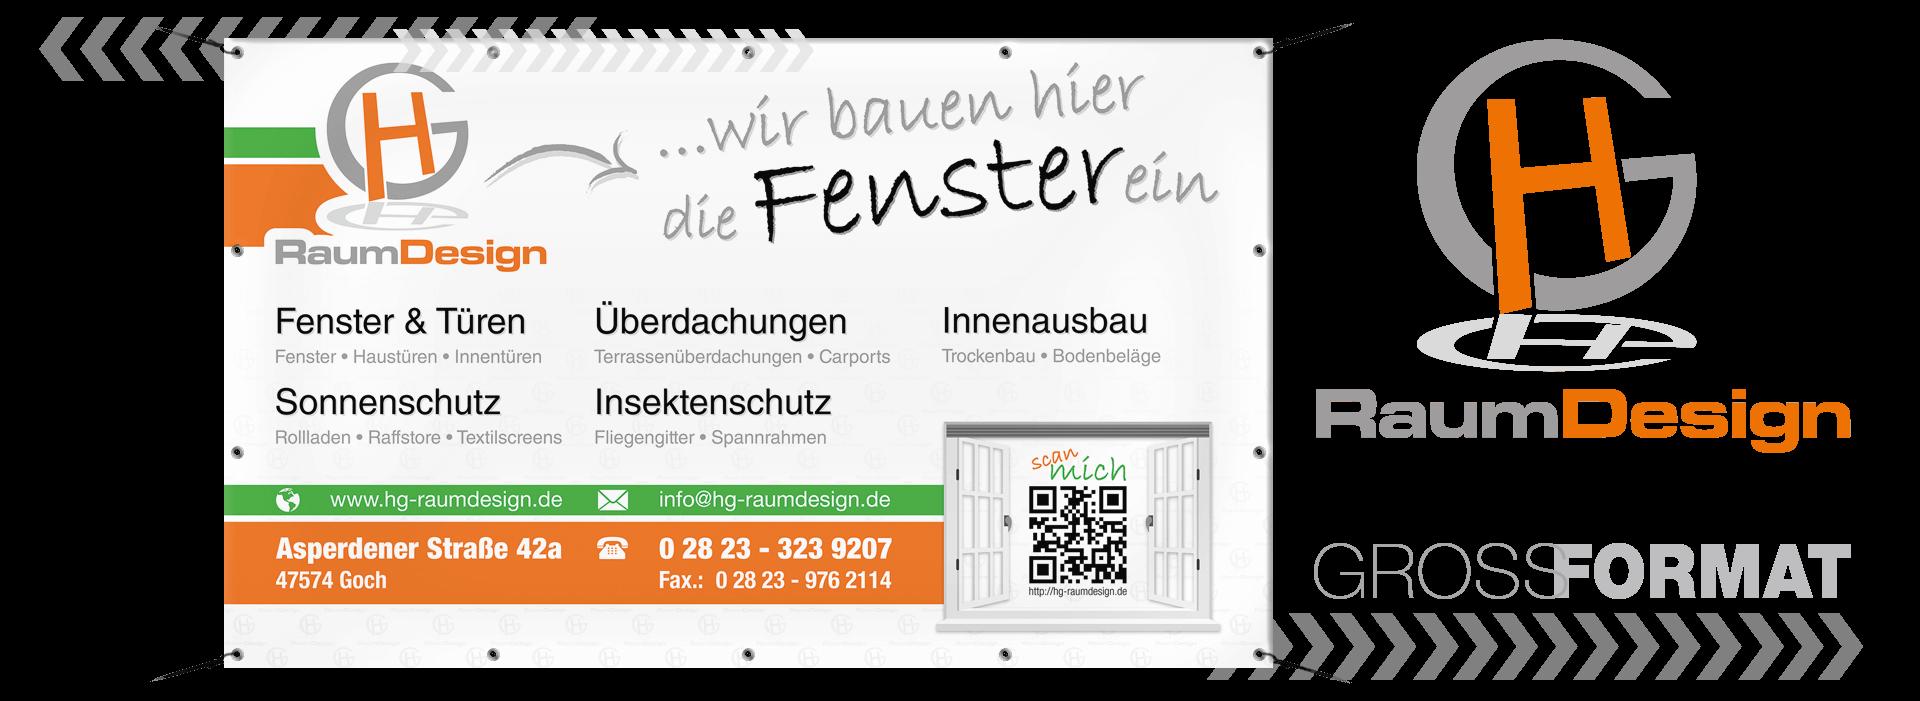 GEstaltung und Druck -PVC-Werbebanner-HG-Raumdesign-GmbH-Goch